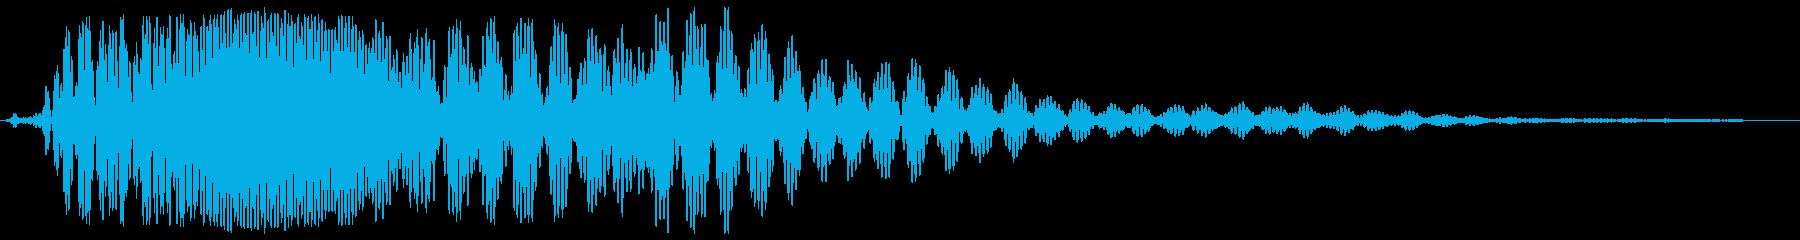 モンスターの声(ゴーワーァ)の再生済みの波形